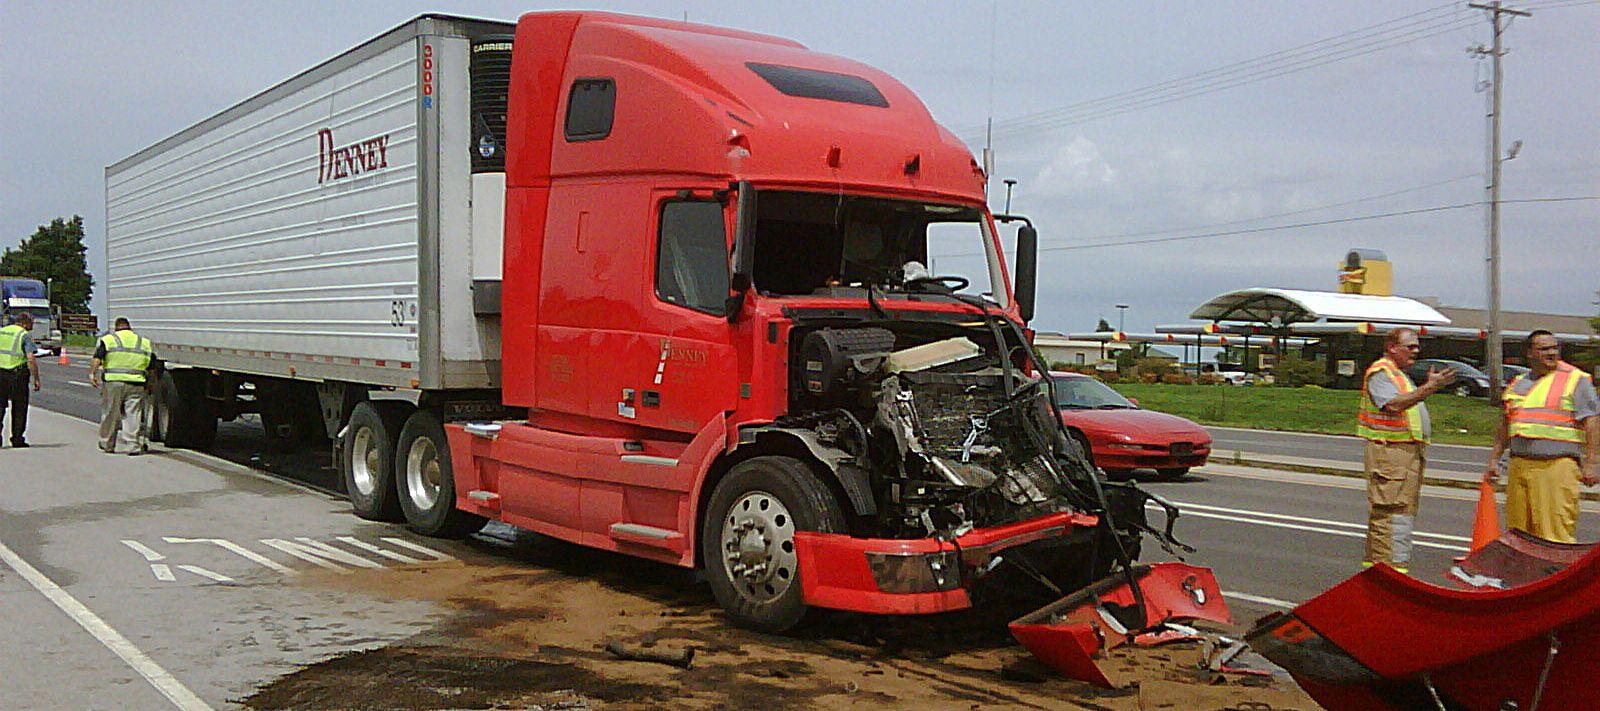 bestvideostopytube Trucking companies, Trucks, Driving jobs